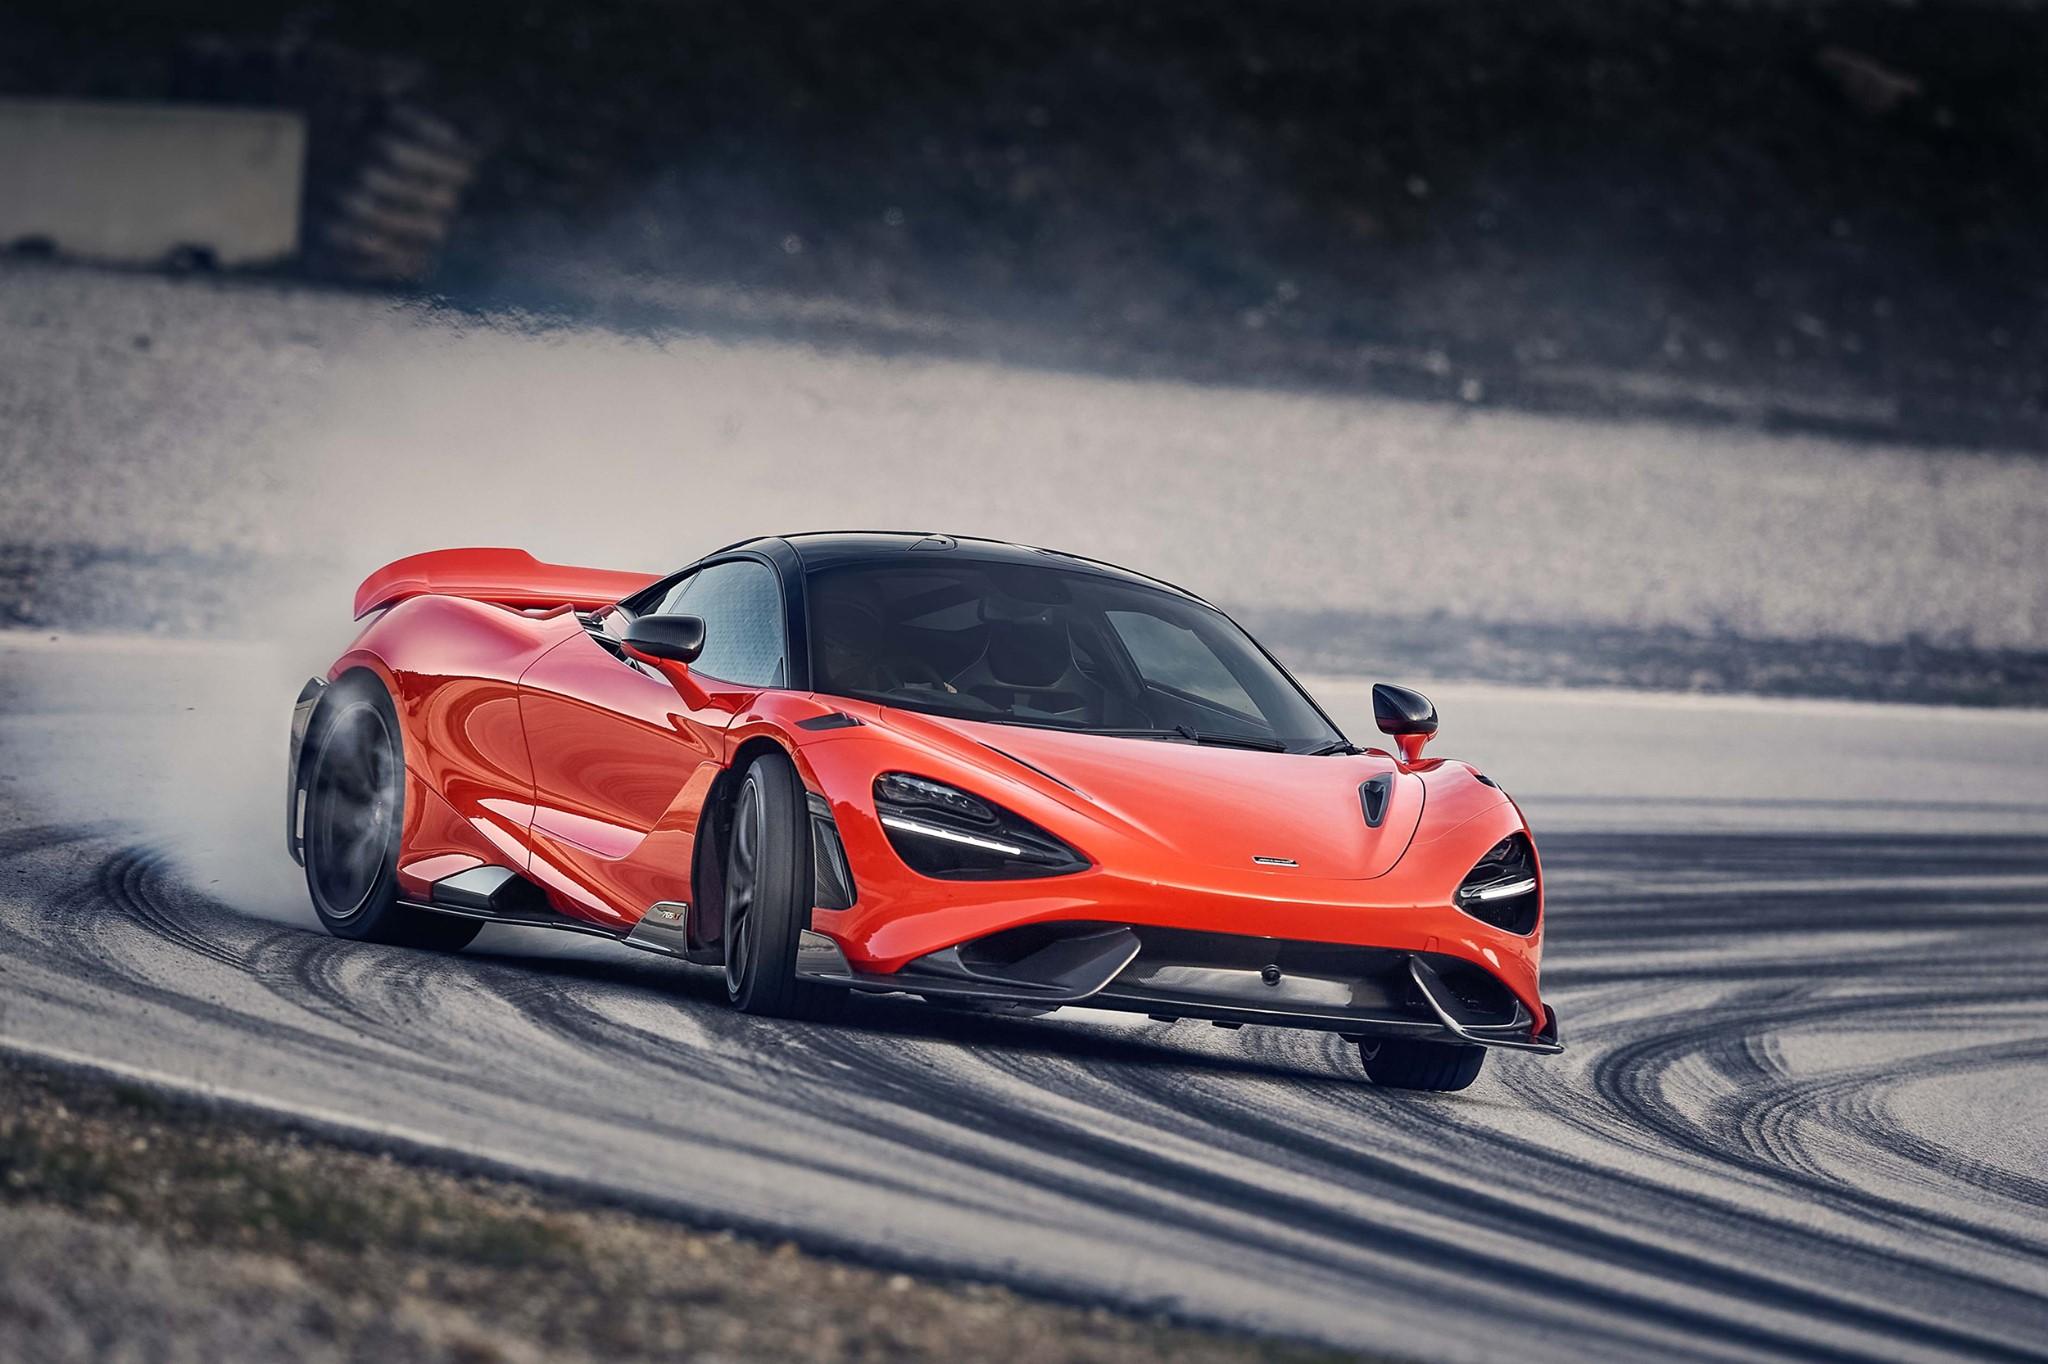 McLaren 765LT pesa los de un Toyota Corolla, pero...